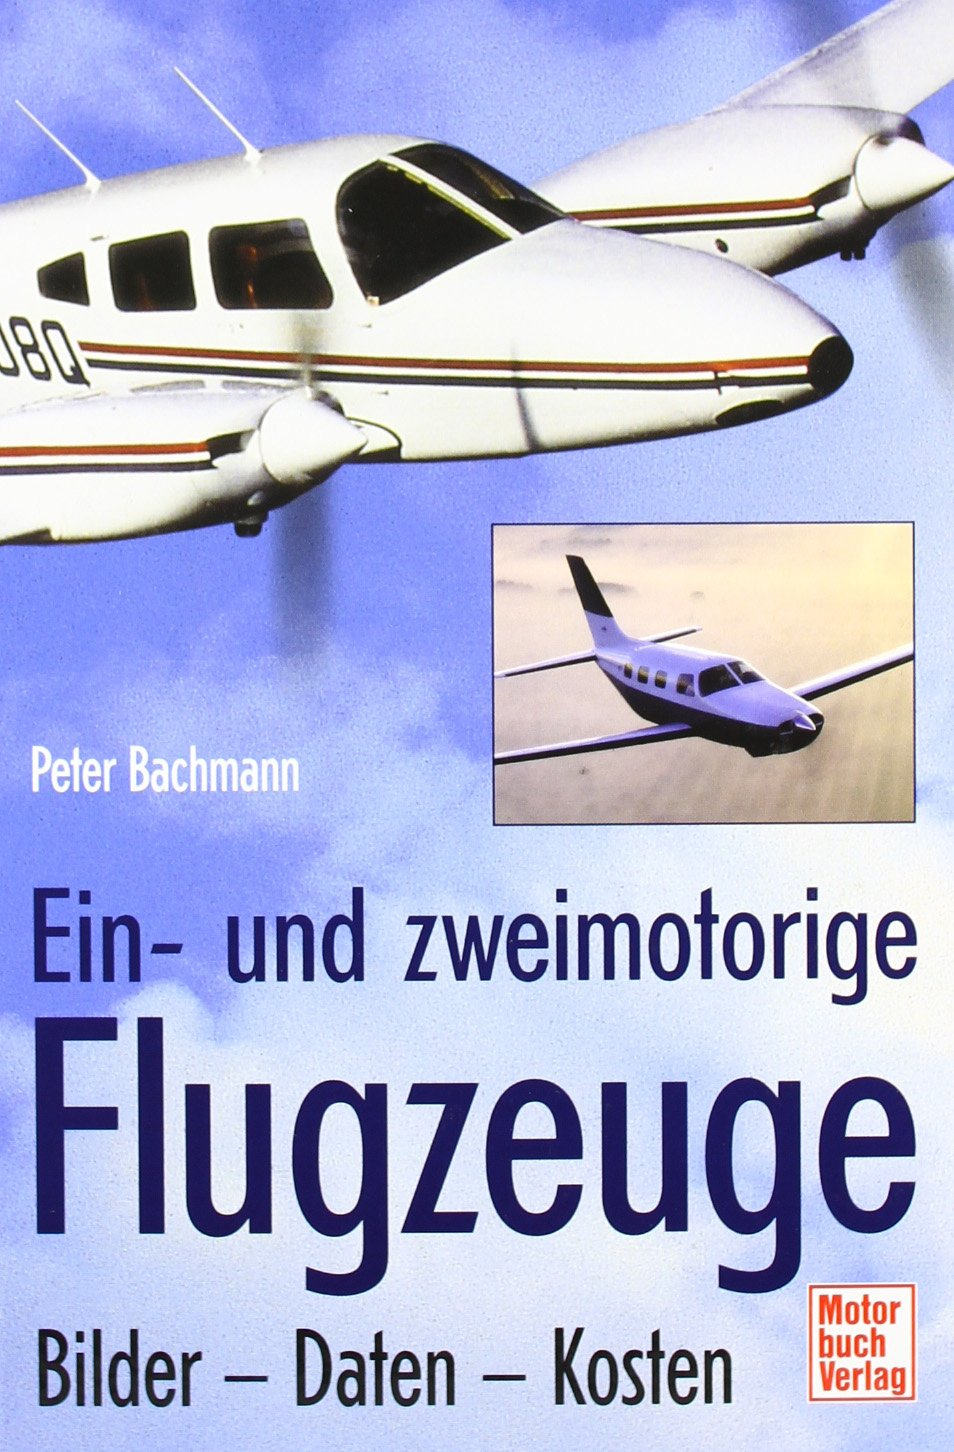 Ein- und zweimotorige Flugzeuge: Bilder - Daten - Kosten